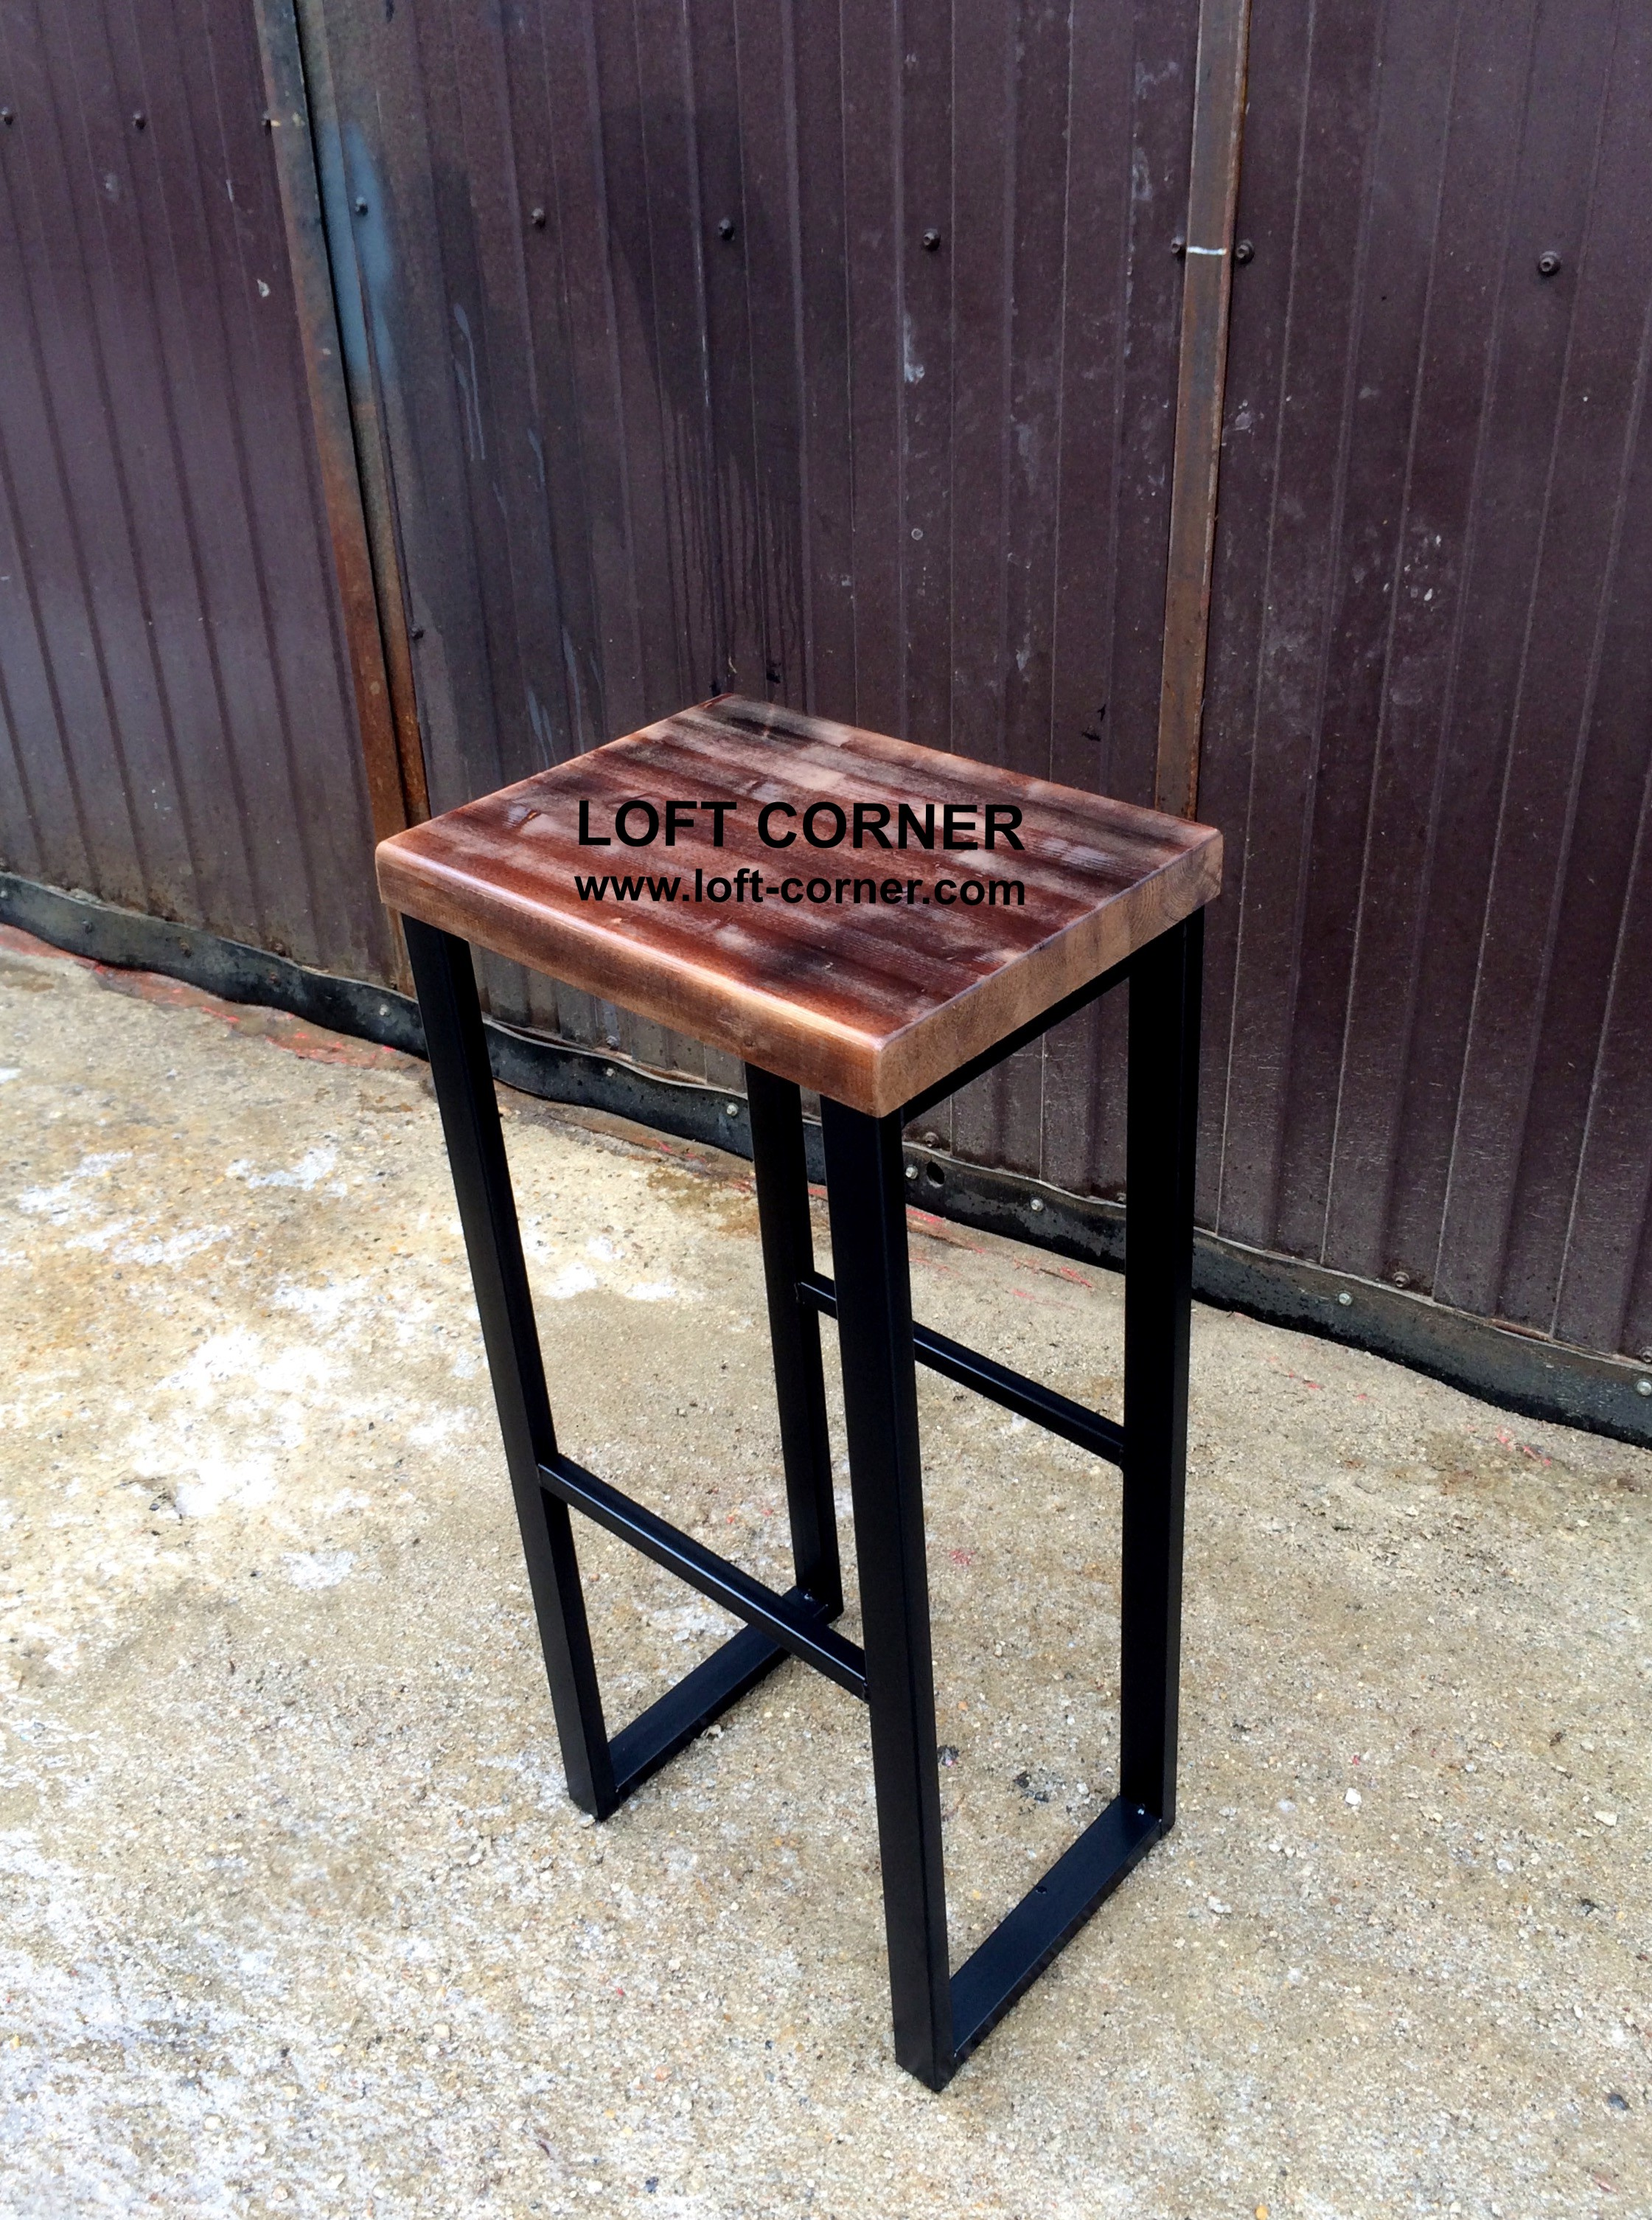 Производство барной и ресторанной мебели в стиле лофт, барный стул индастриал, барный табурет лофт,